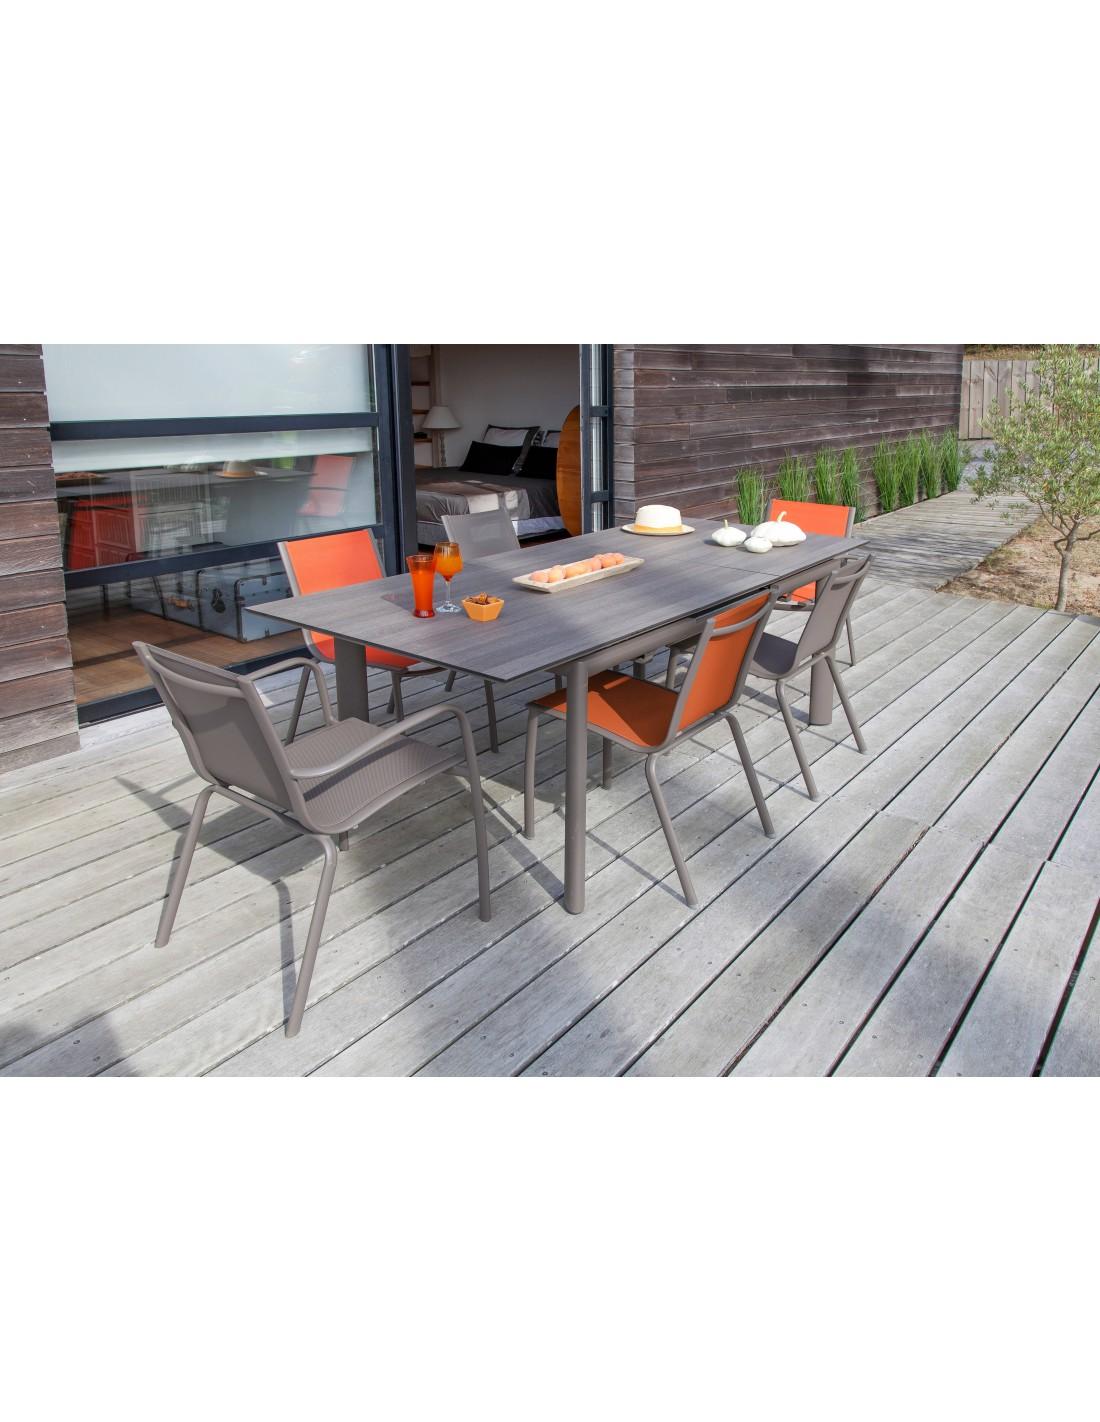 Chaise de jardin Linea - Aluminium café , café Paprika - Proloisirs